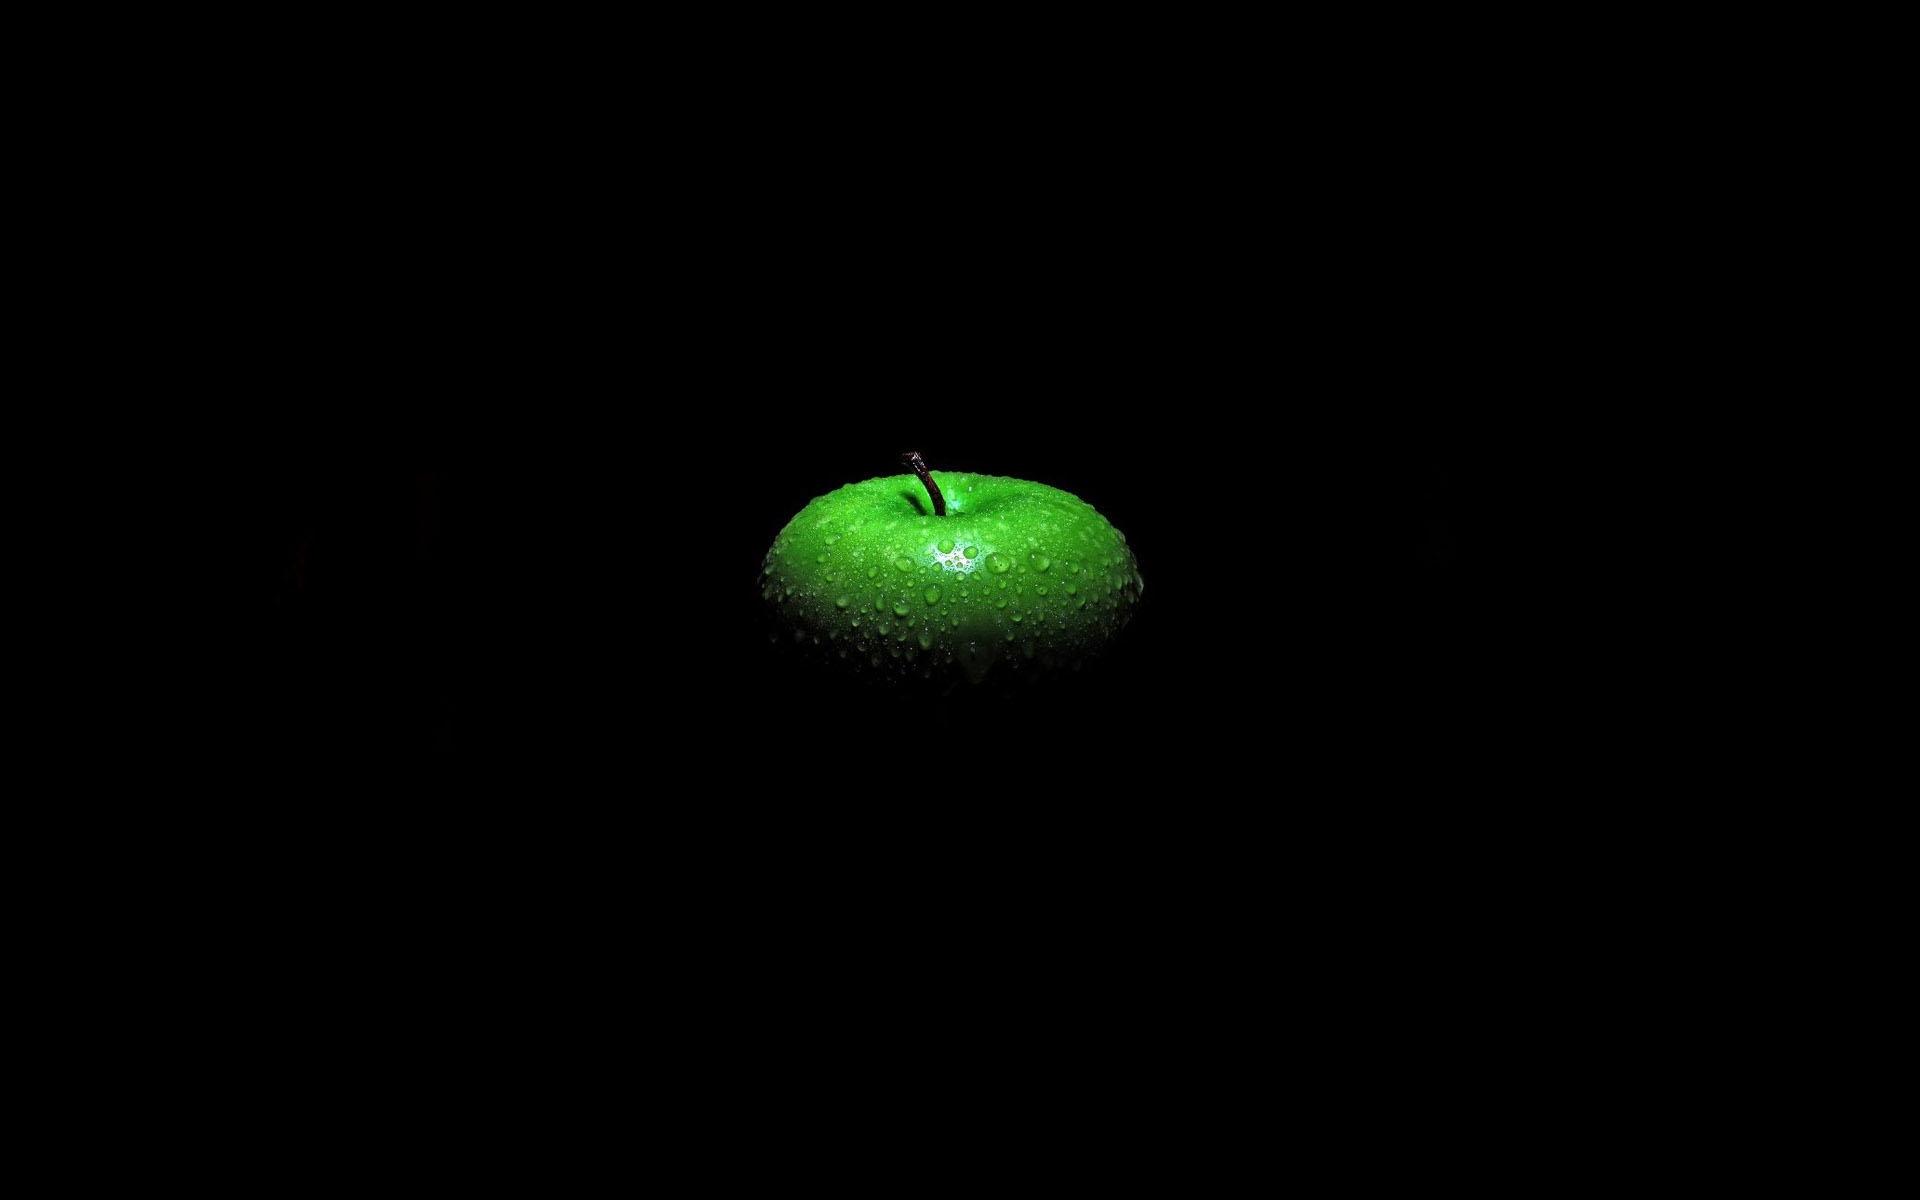 green apple wallpaper hd. green apple black background hd wallpaper hd